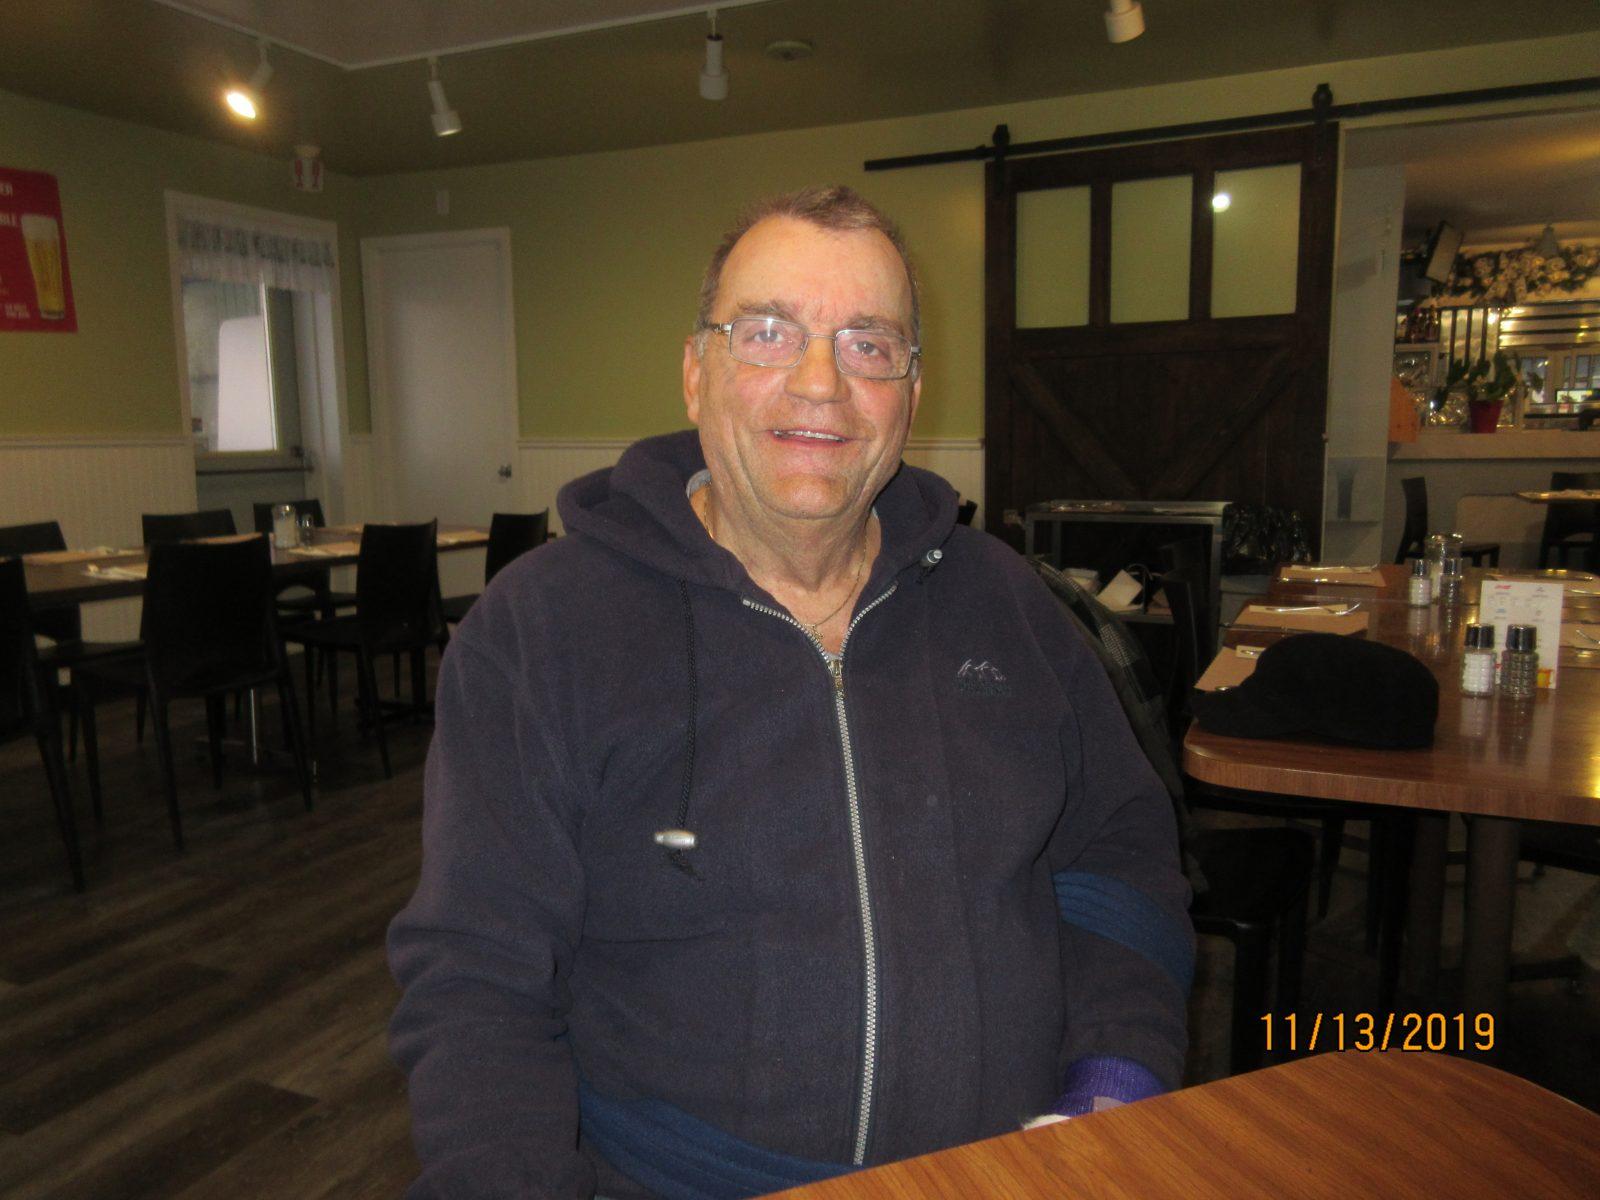 Lauréat Fortin élu à Saint-Omer